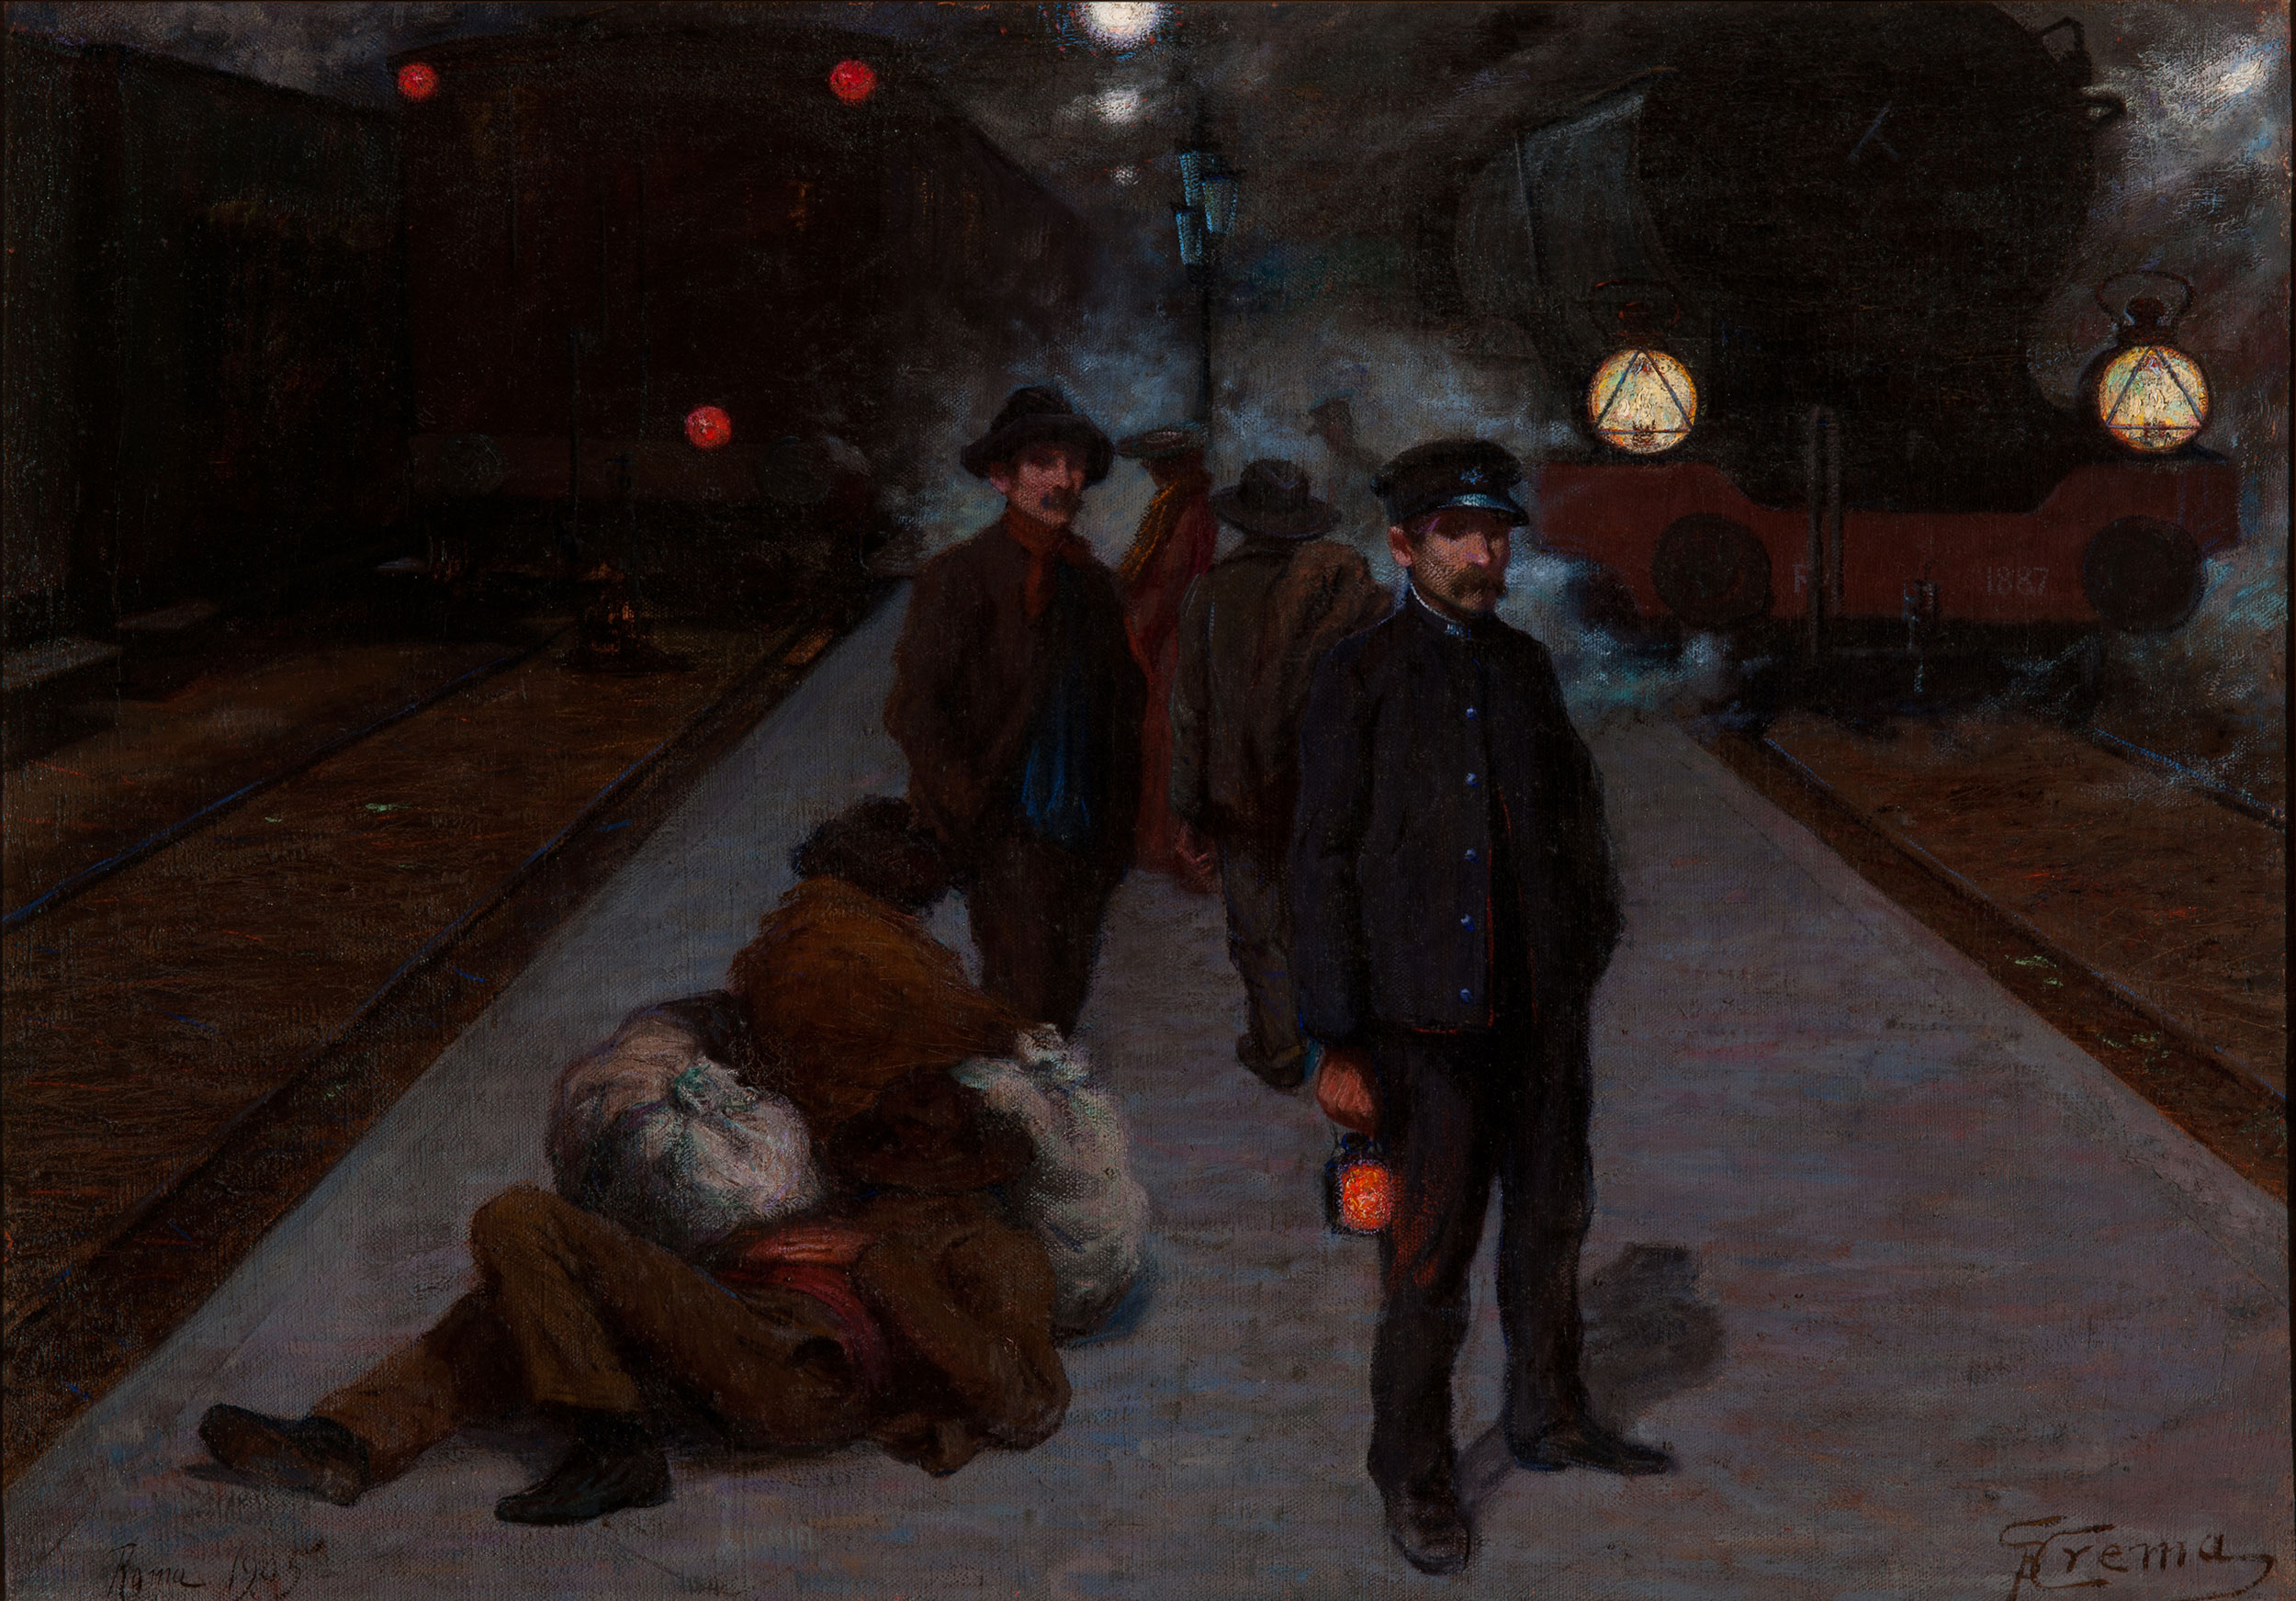 Lavoro notturno alla stazione Termini - Crema